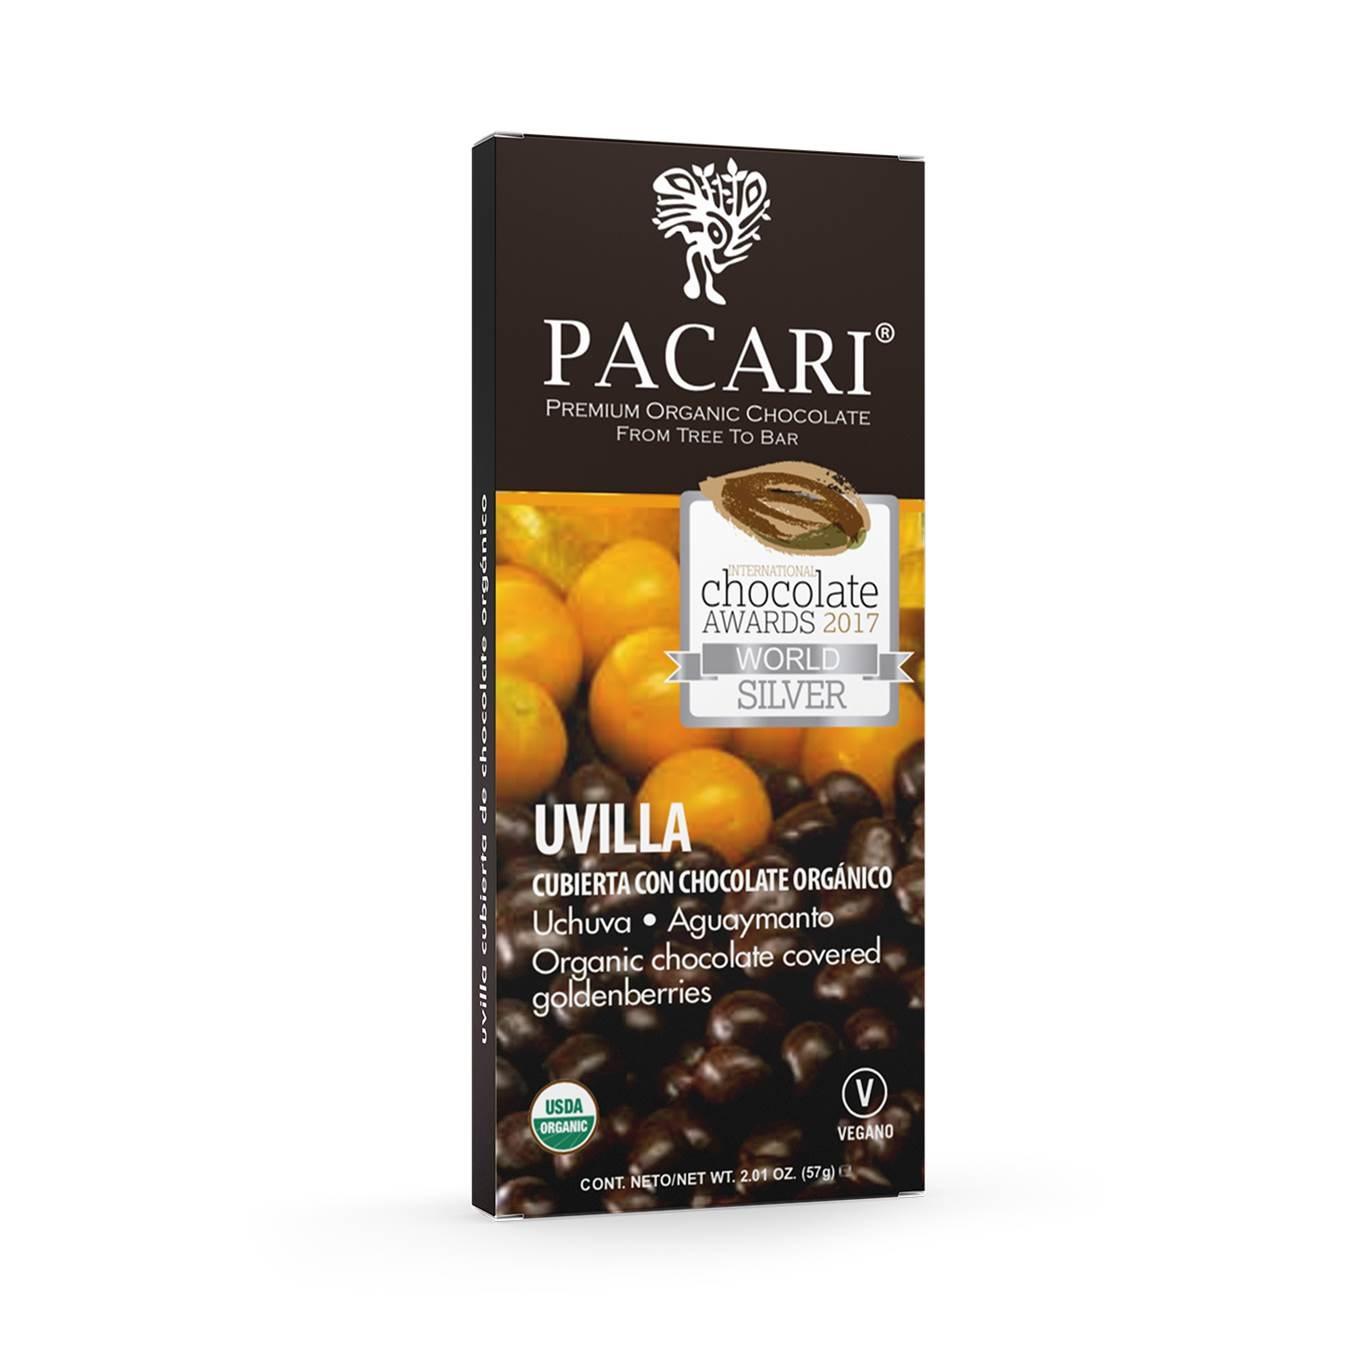 PROMO 50% OFF en 2da unidad  uvillas cubiertas de chocolate